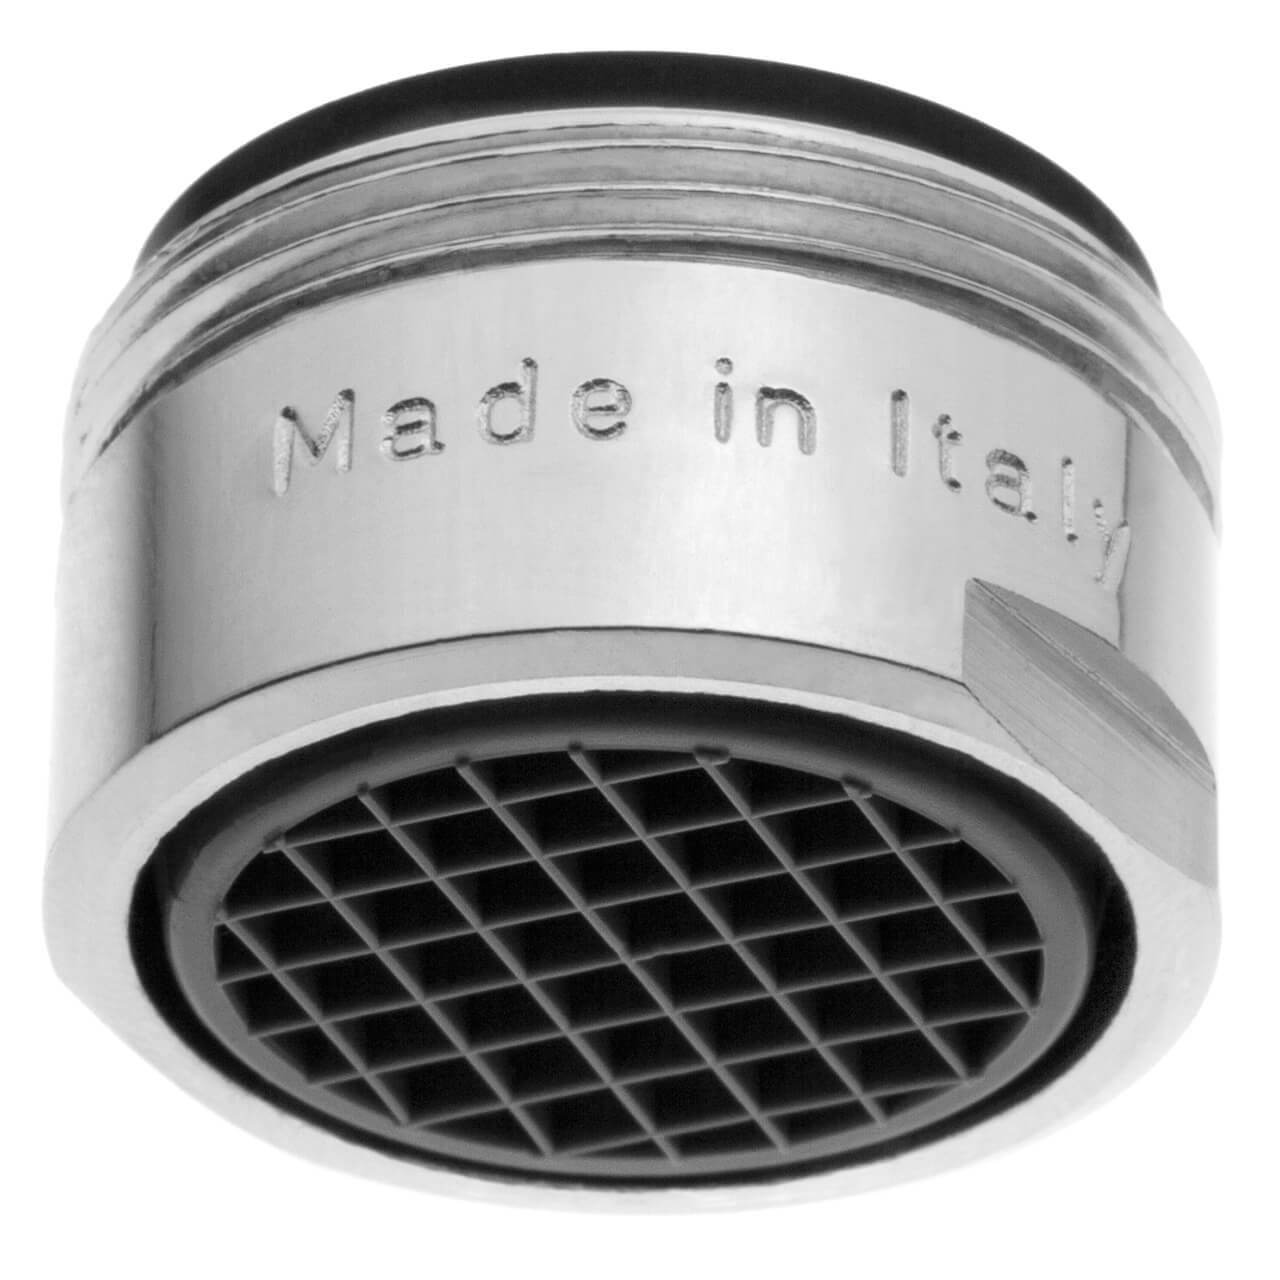 Aeratore per rubinetto Terla FreeLime 4.5 l/min - Filettatura M24x1 maschio - più popolare